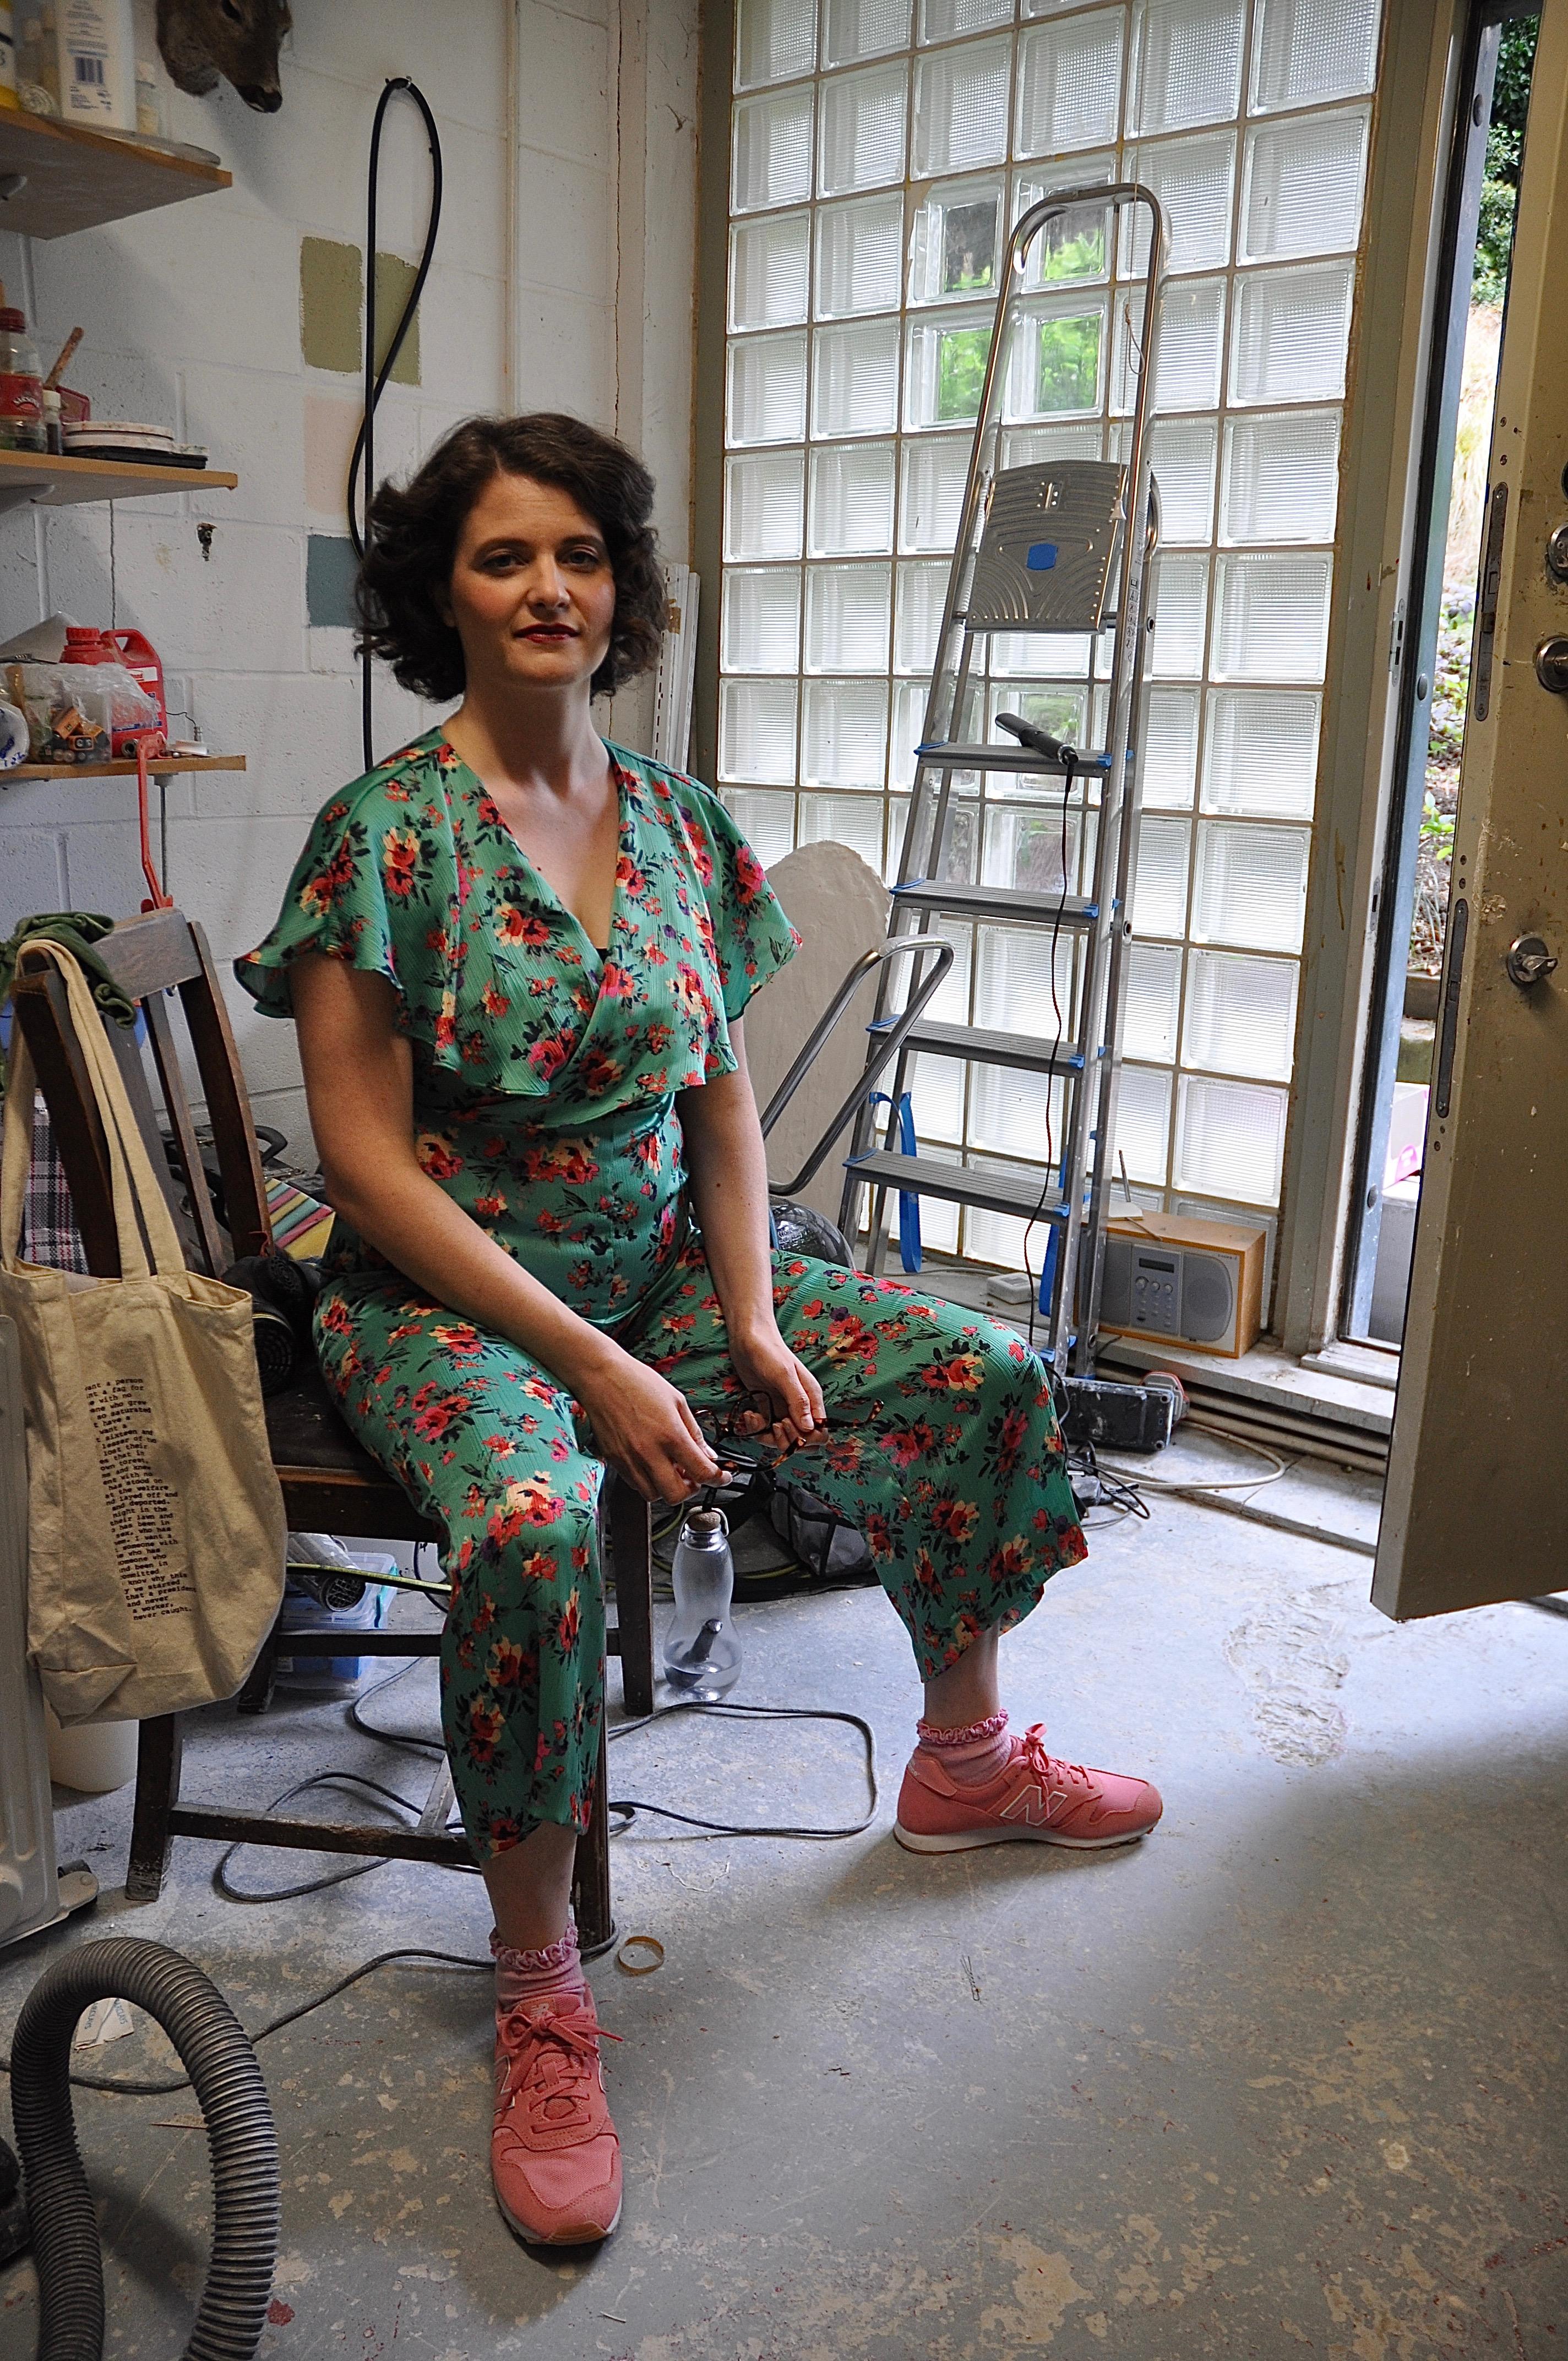 Artist Serena Korda